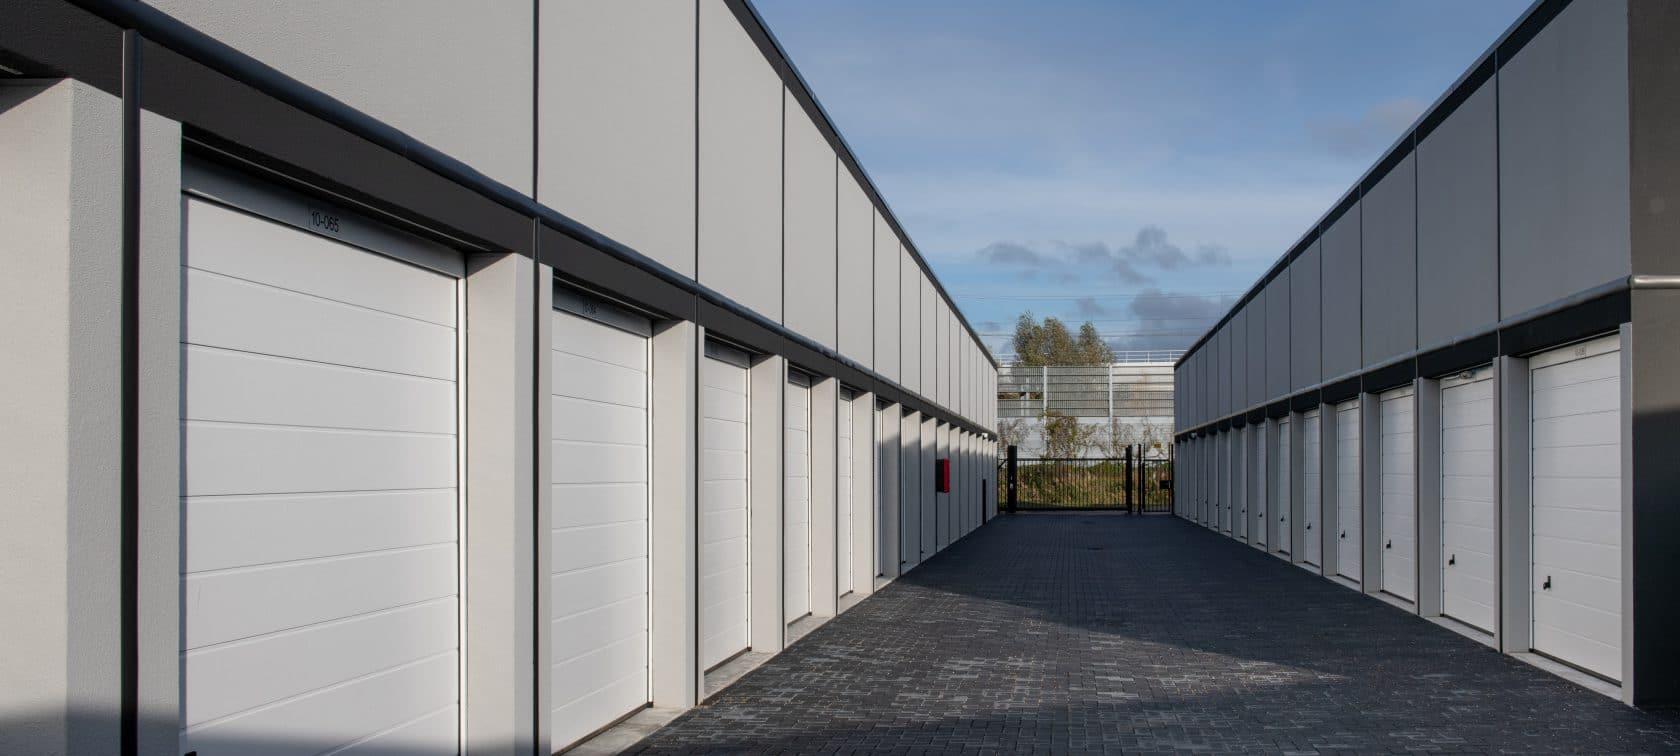 GaragePark Rotterdam Hordijk - garageboxen voor opslag en werkruimte 2